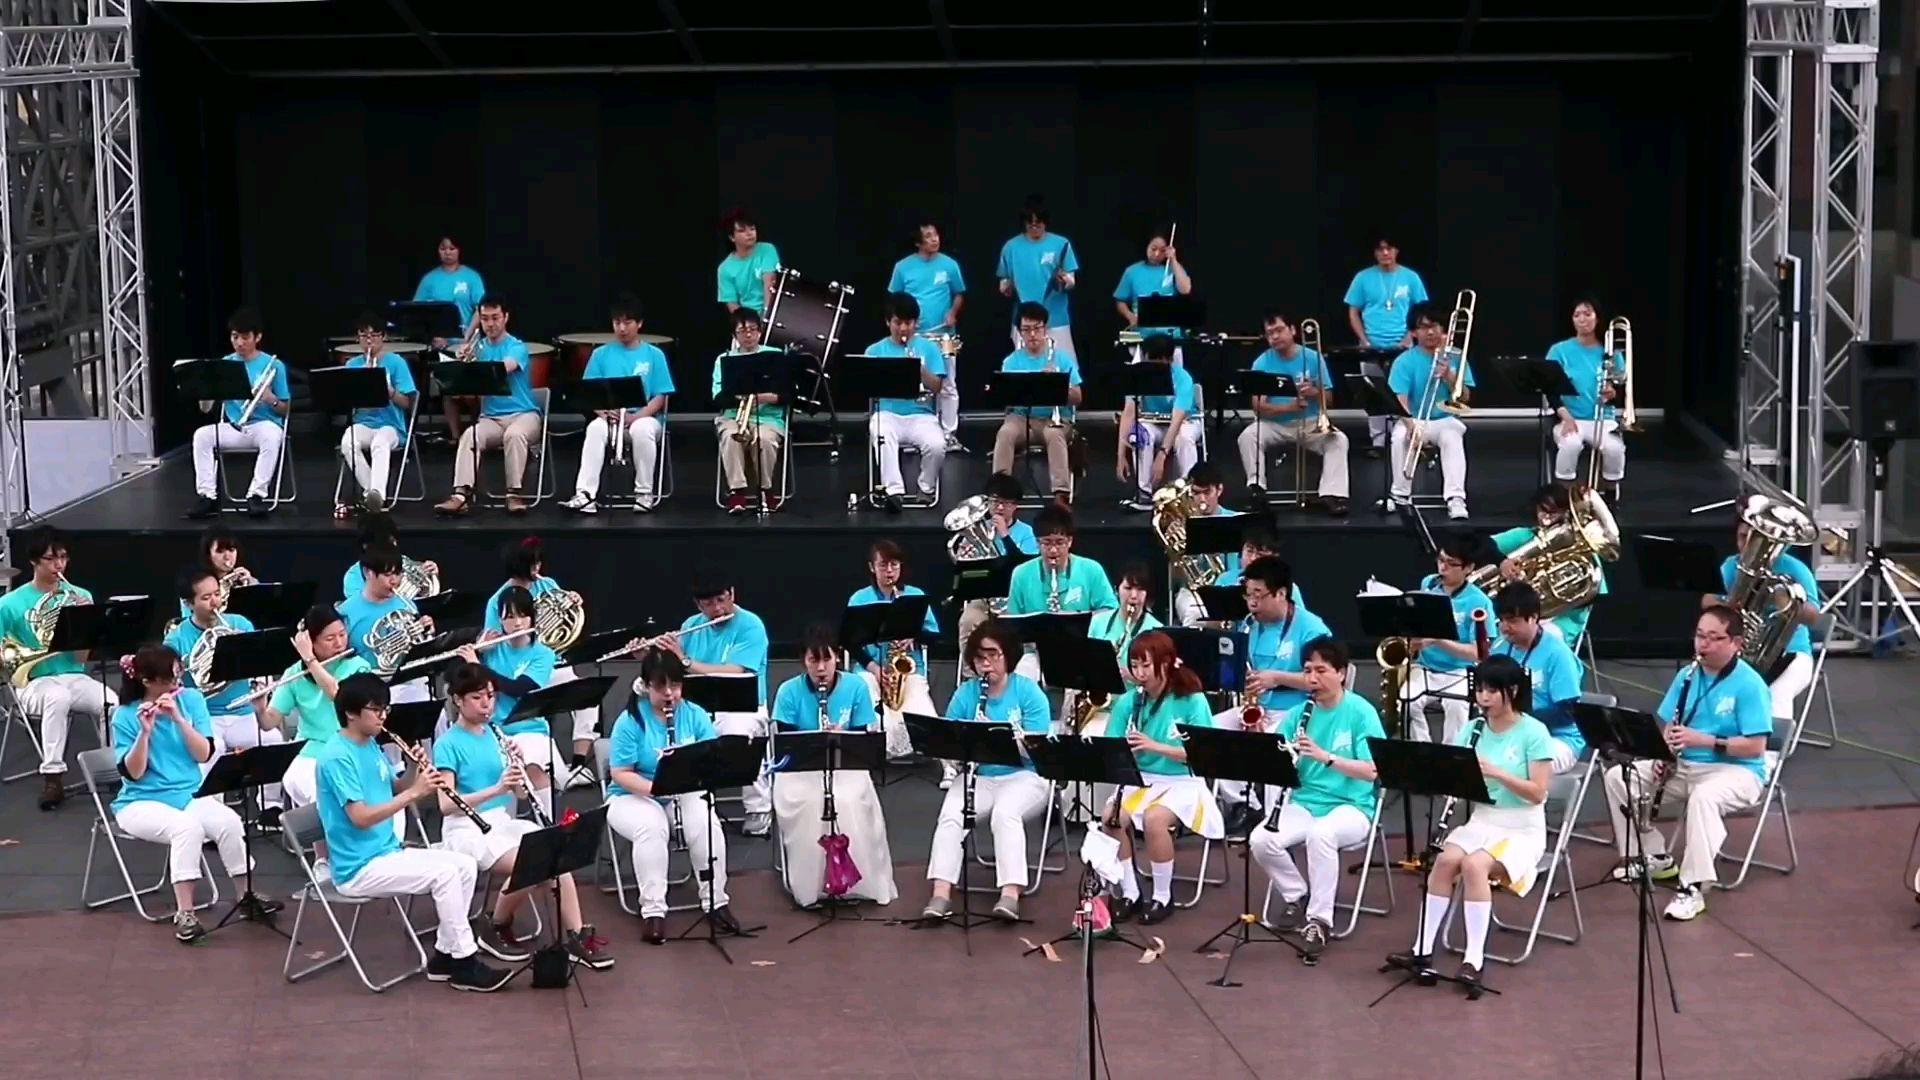 【吹奏乐】第36回吹奏乐日北宇治高校OB吹奏乐团演奏《DREAM SOLISTER》《宝岛》